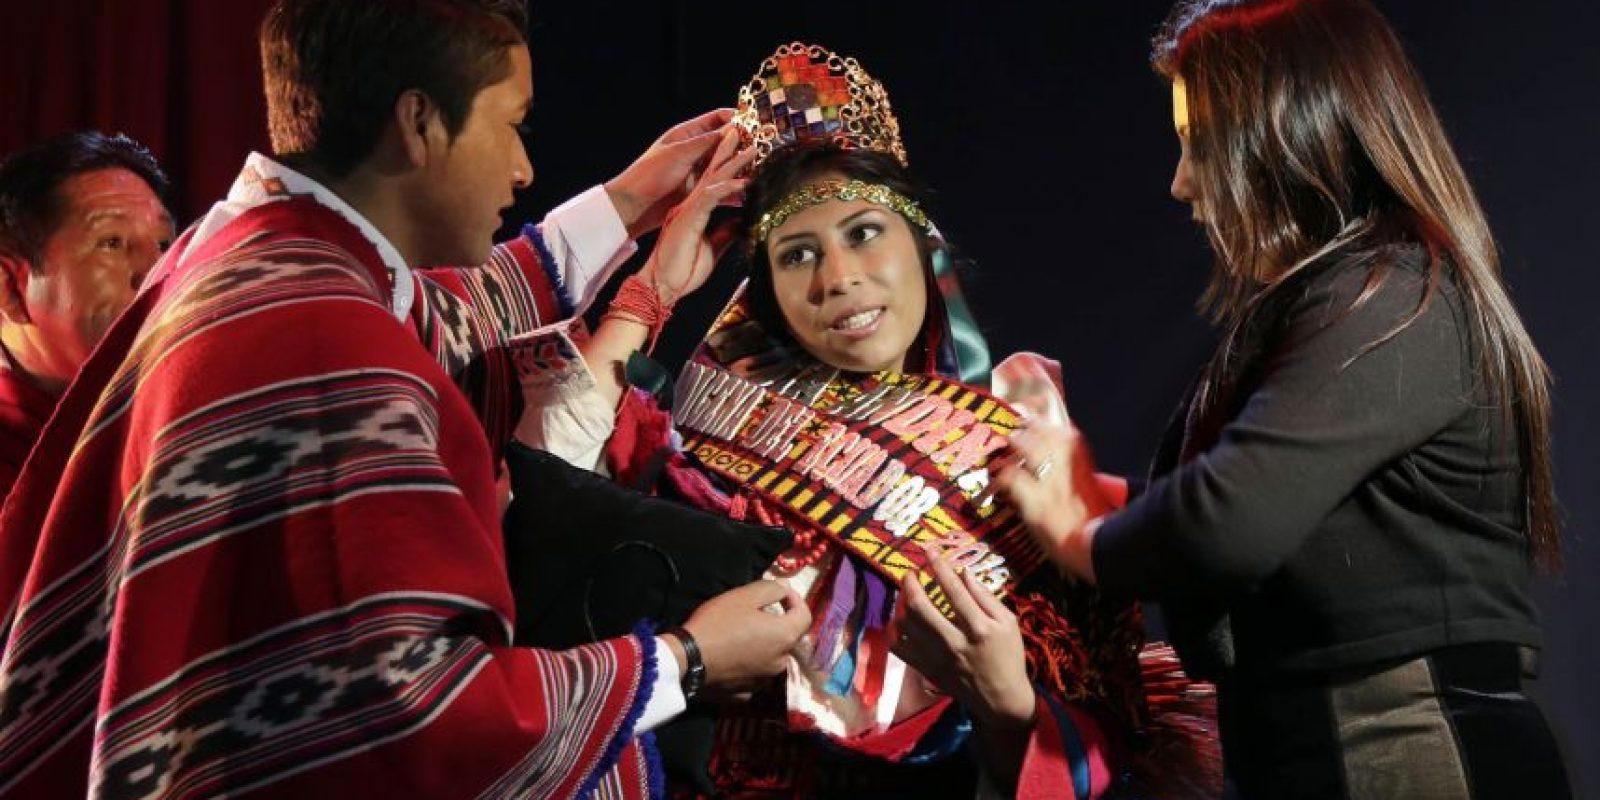 En esta imagen del sábado 23 de mayo de 2015, Jenny Guillin, una nativa puruha de 19 años, es coronada como ganadora del concurso de belleza Reina Indígena en el teatro Casa de la Cultura en Quito, Ecuador. Los organizadores señalaron que ahora la joven podrá participar en el concurso Miss Ecuador. Foto:AP Foto/Dolores Ochoa